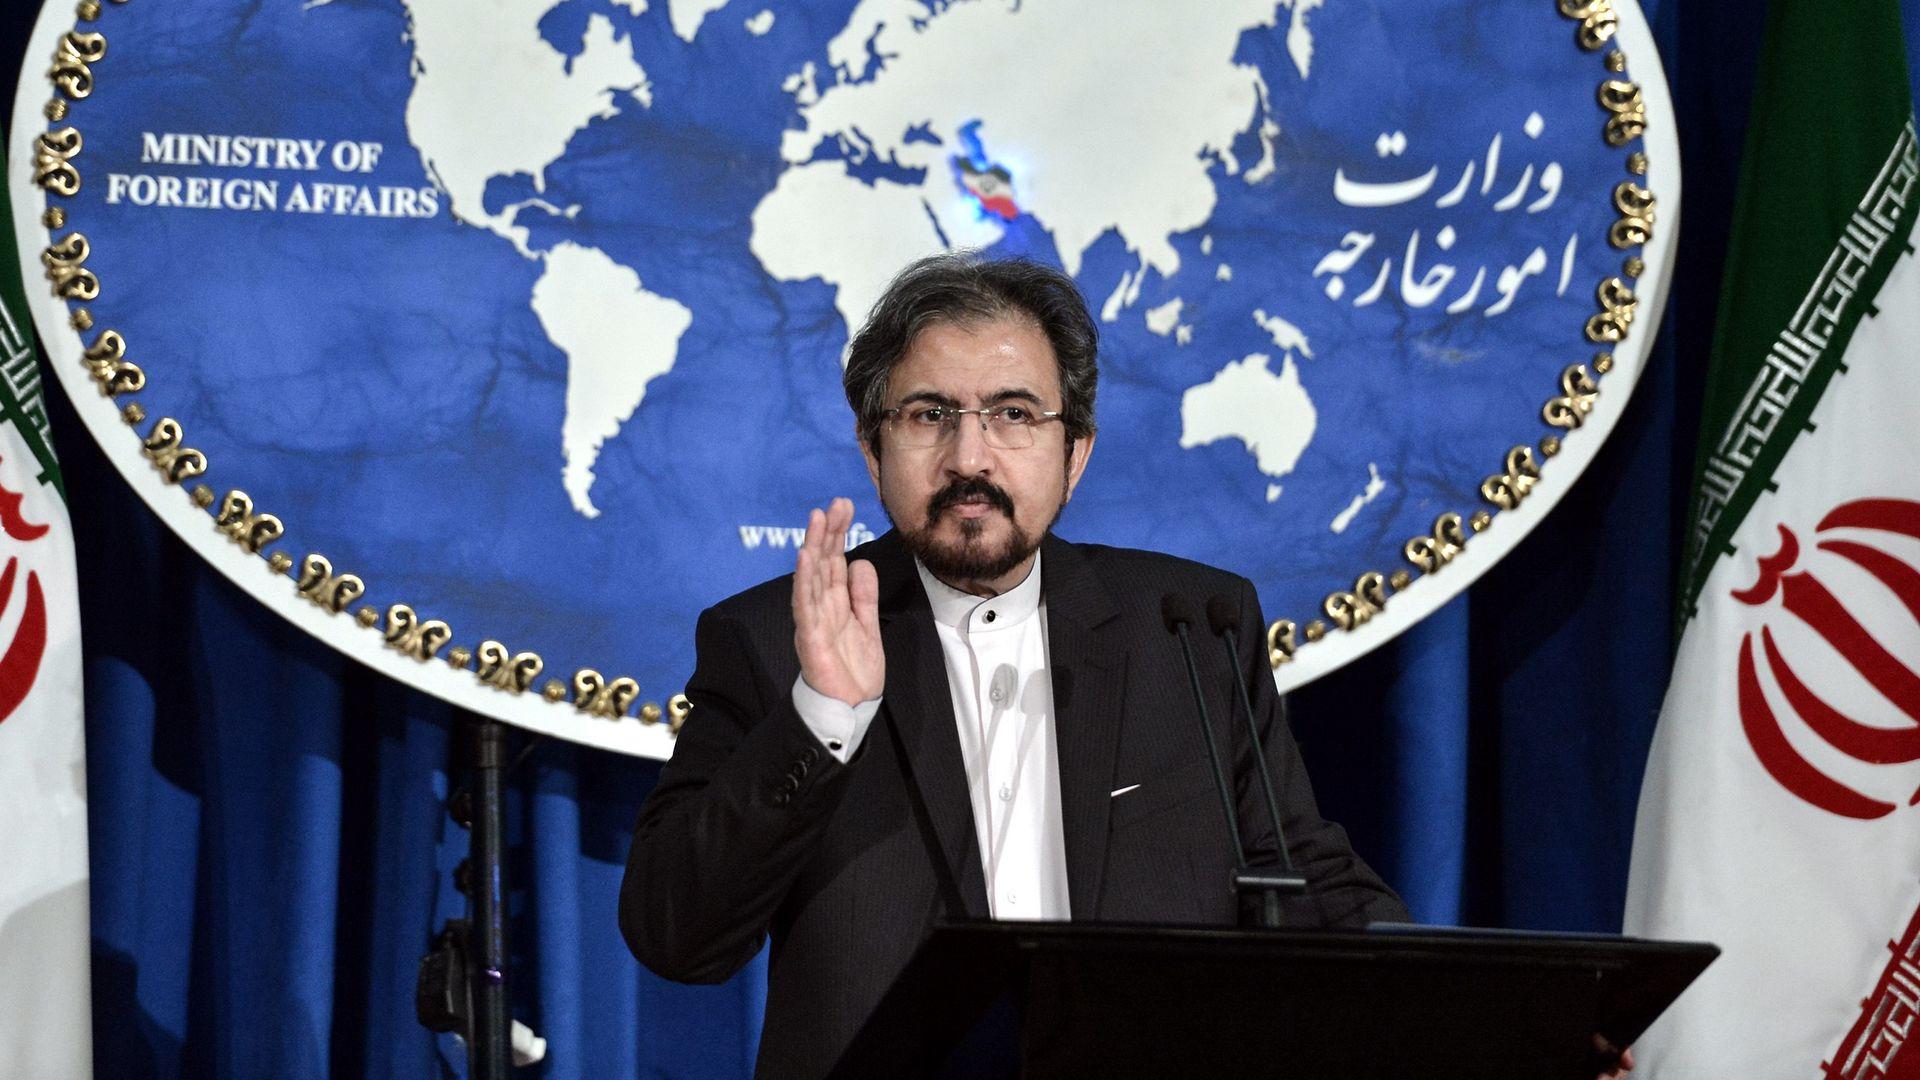 Iran Foreign Ministry spokesman